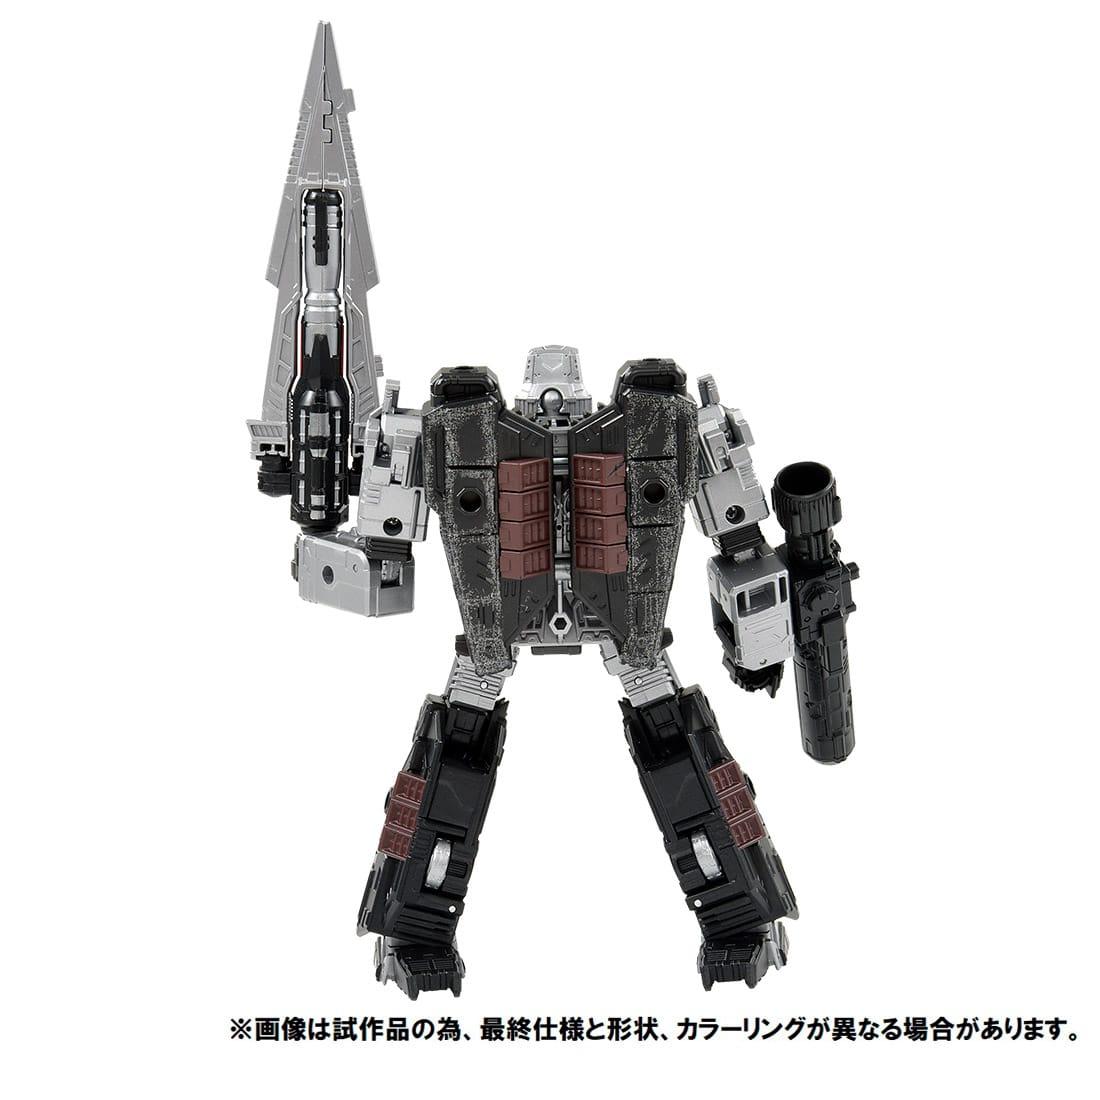 トランスフォーマー プレミアムフィニッシュ『PF WFC-02 メガトロン』可変可動フィギュア-002